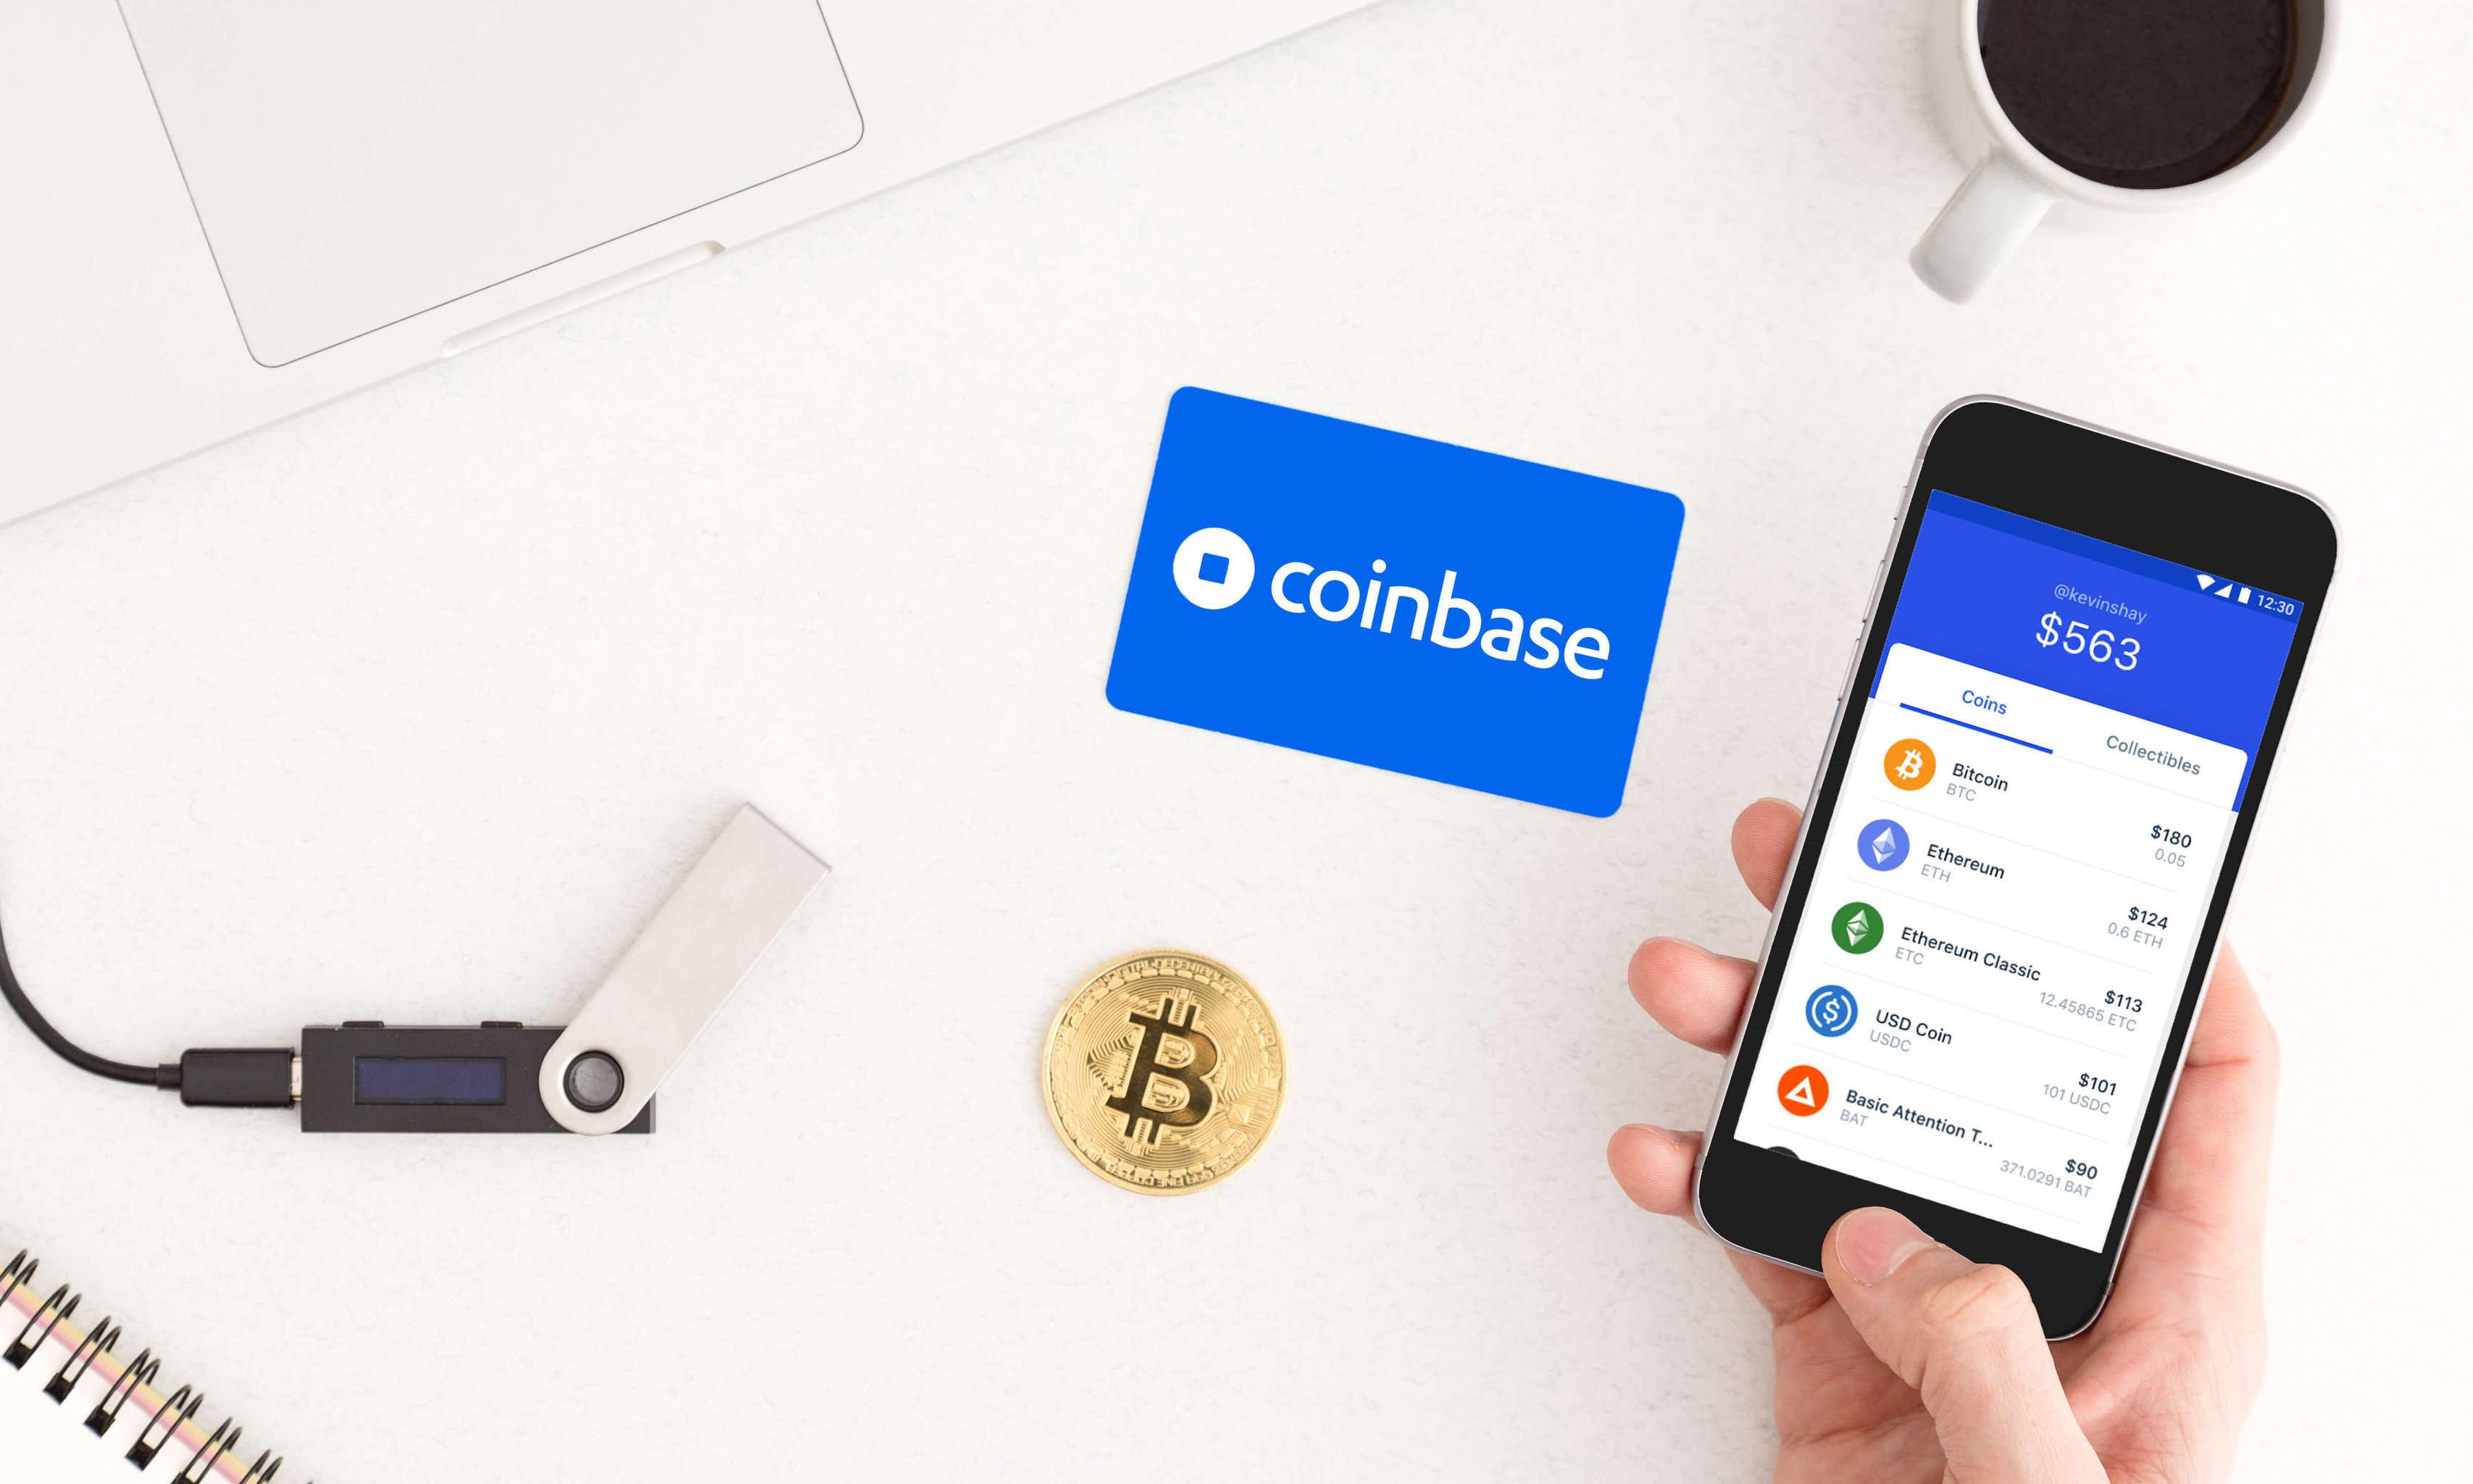 Bitcoin, Bitcoin: Coinbase integriert Kryptowährung in Wallet